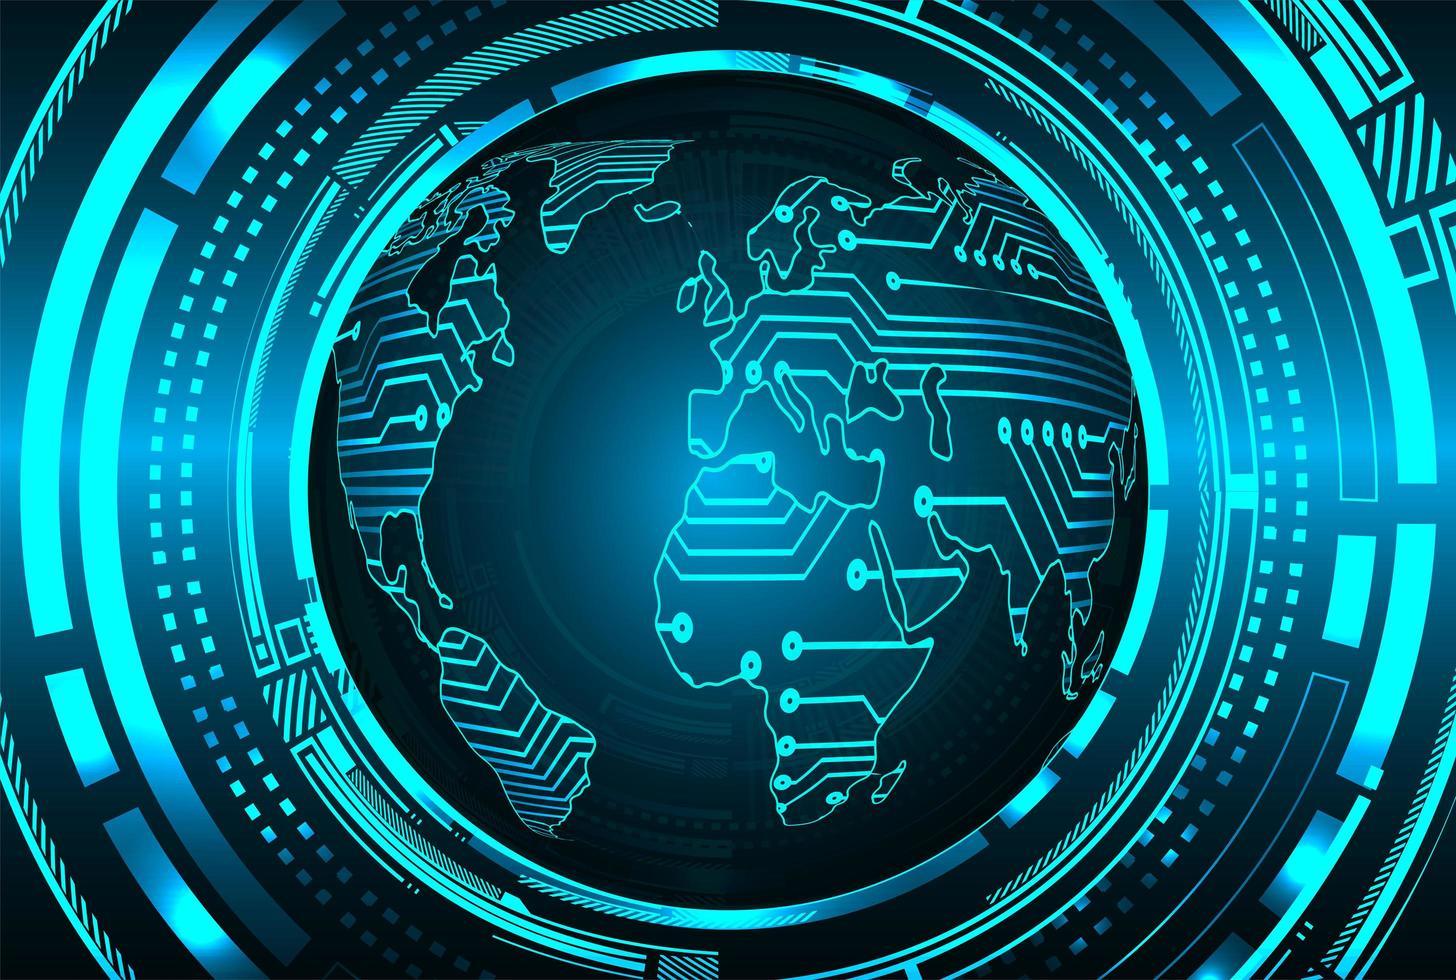 Blue World Cyber Circuit Zukunftstechnologie Hintergrund vektor